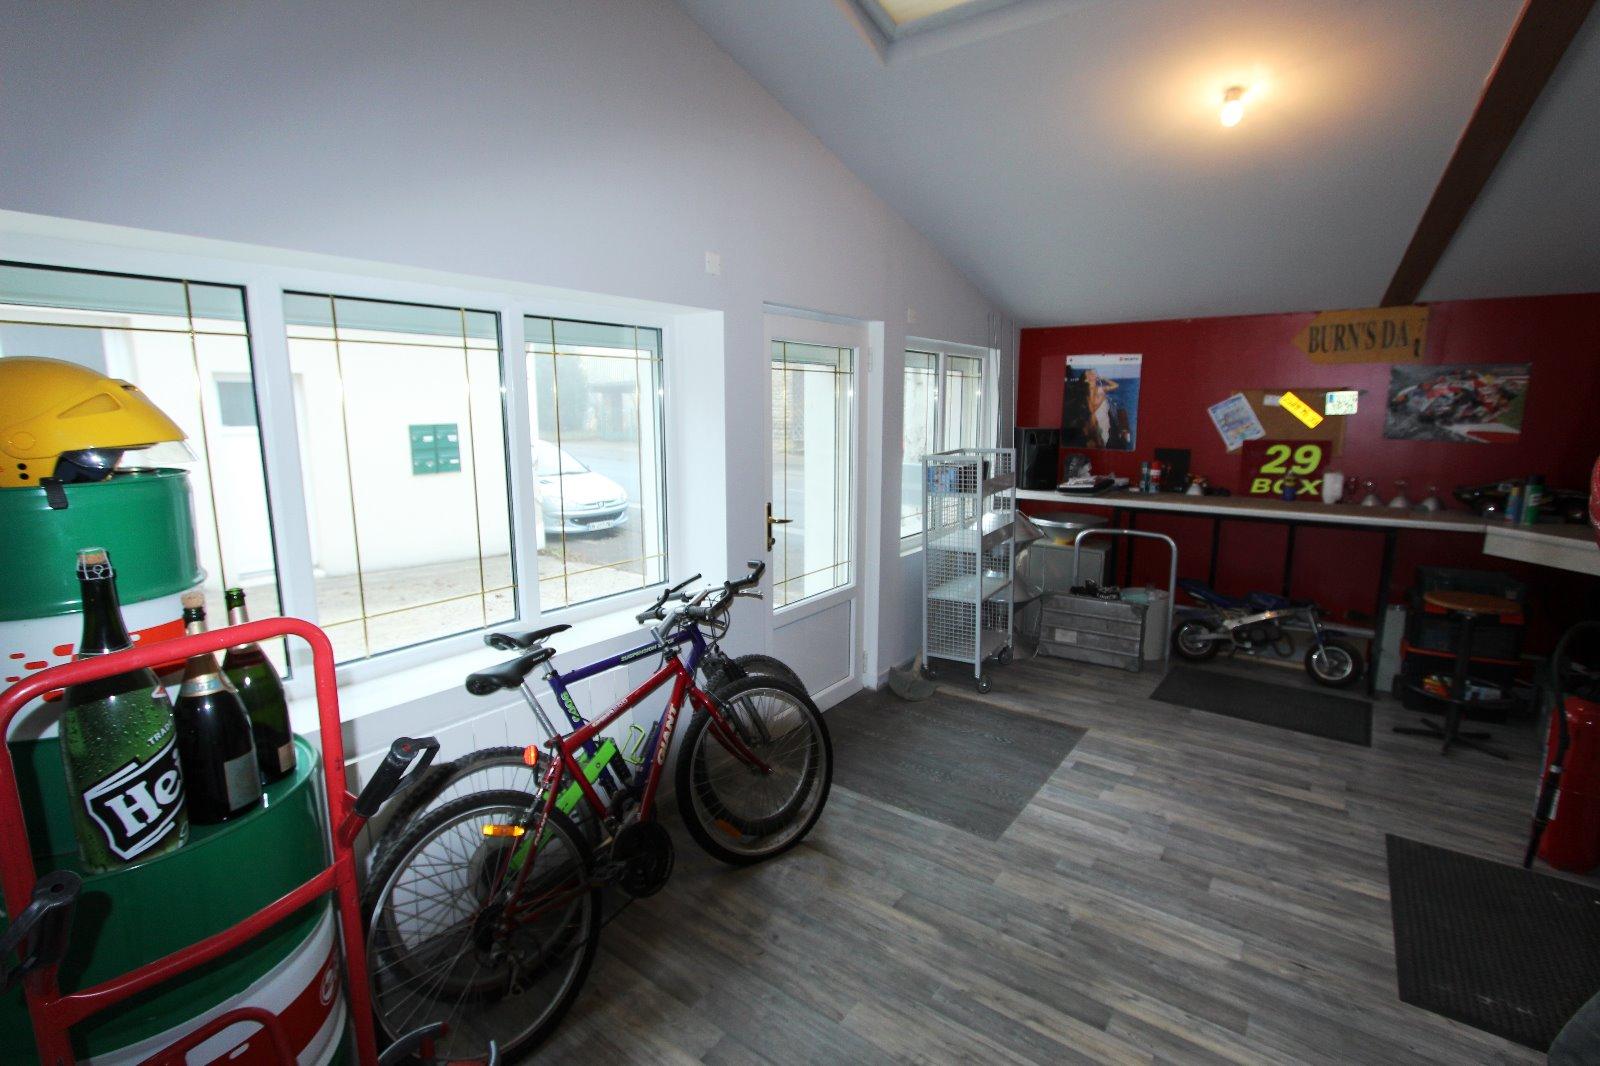 Lons le saunier 39 jura vendre appartement de plain pied de 200 m 3d immobilier - Garage thevenod lons le saunier ...